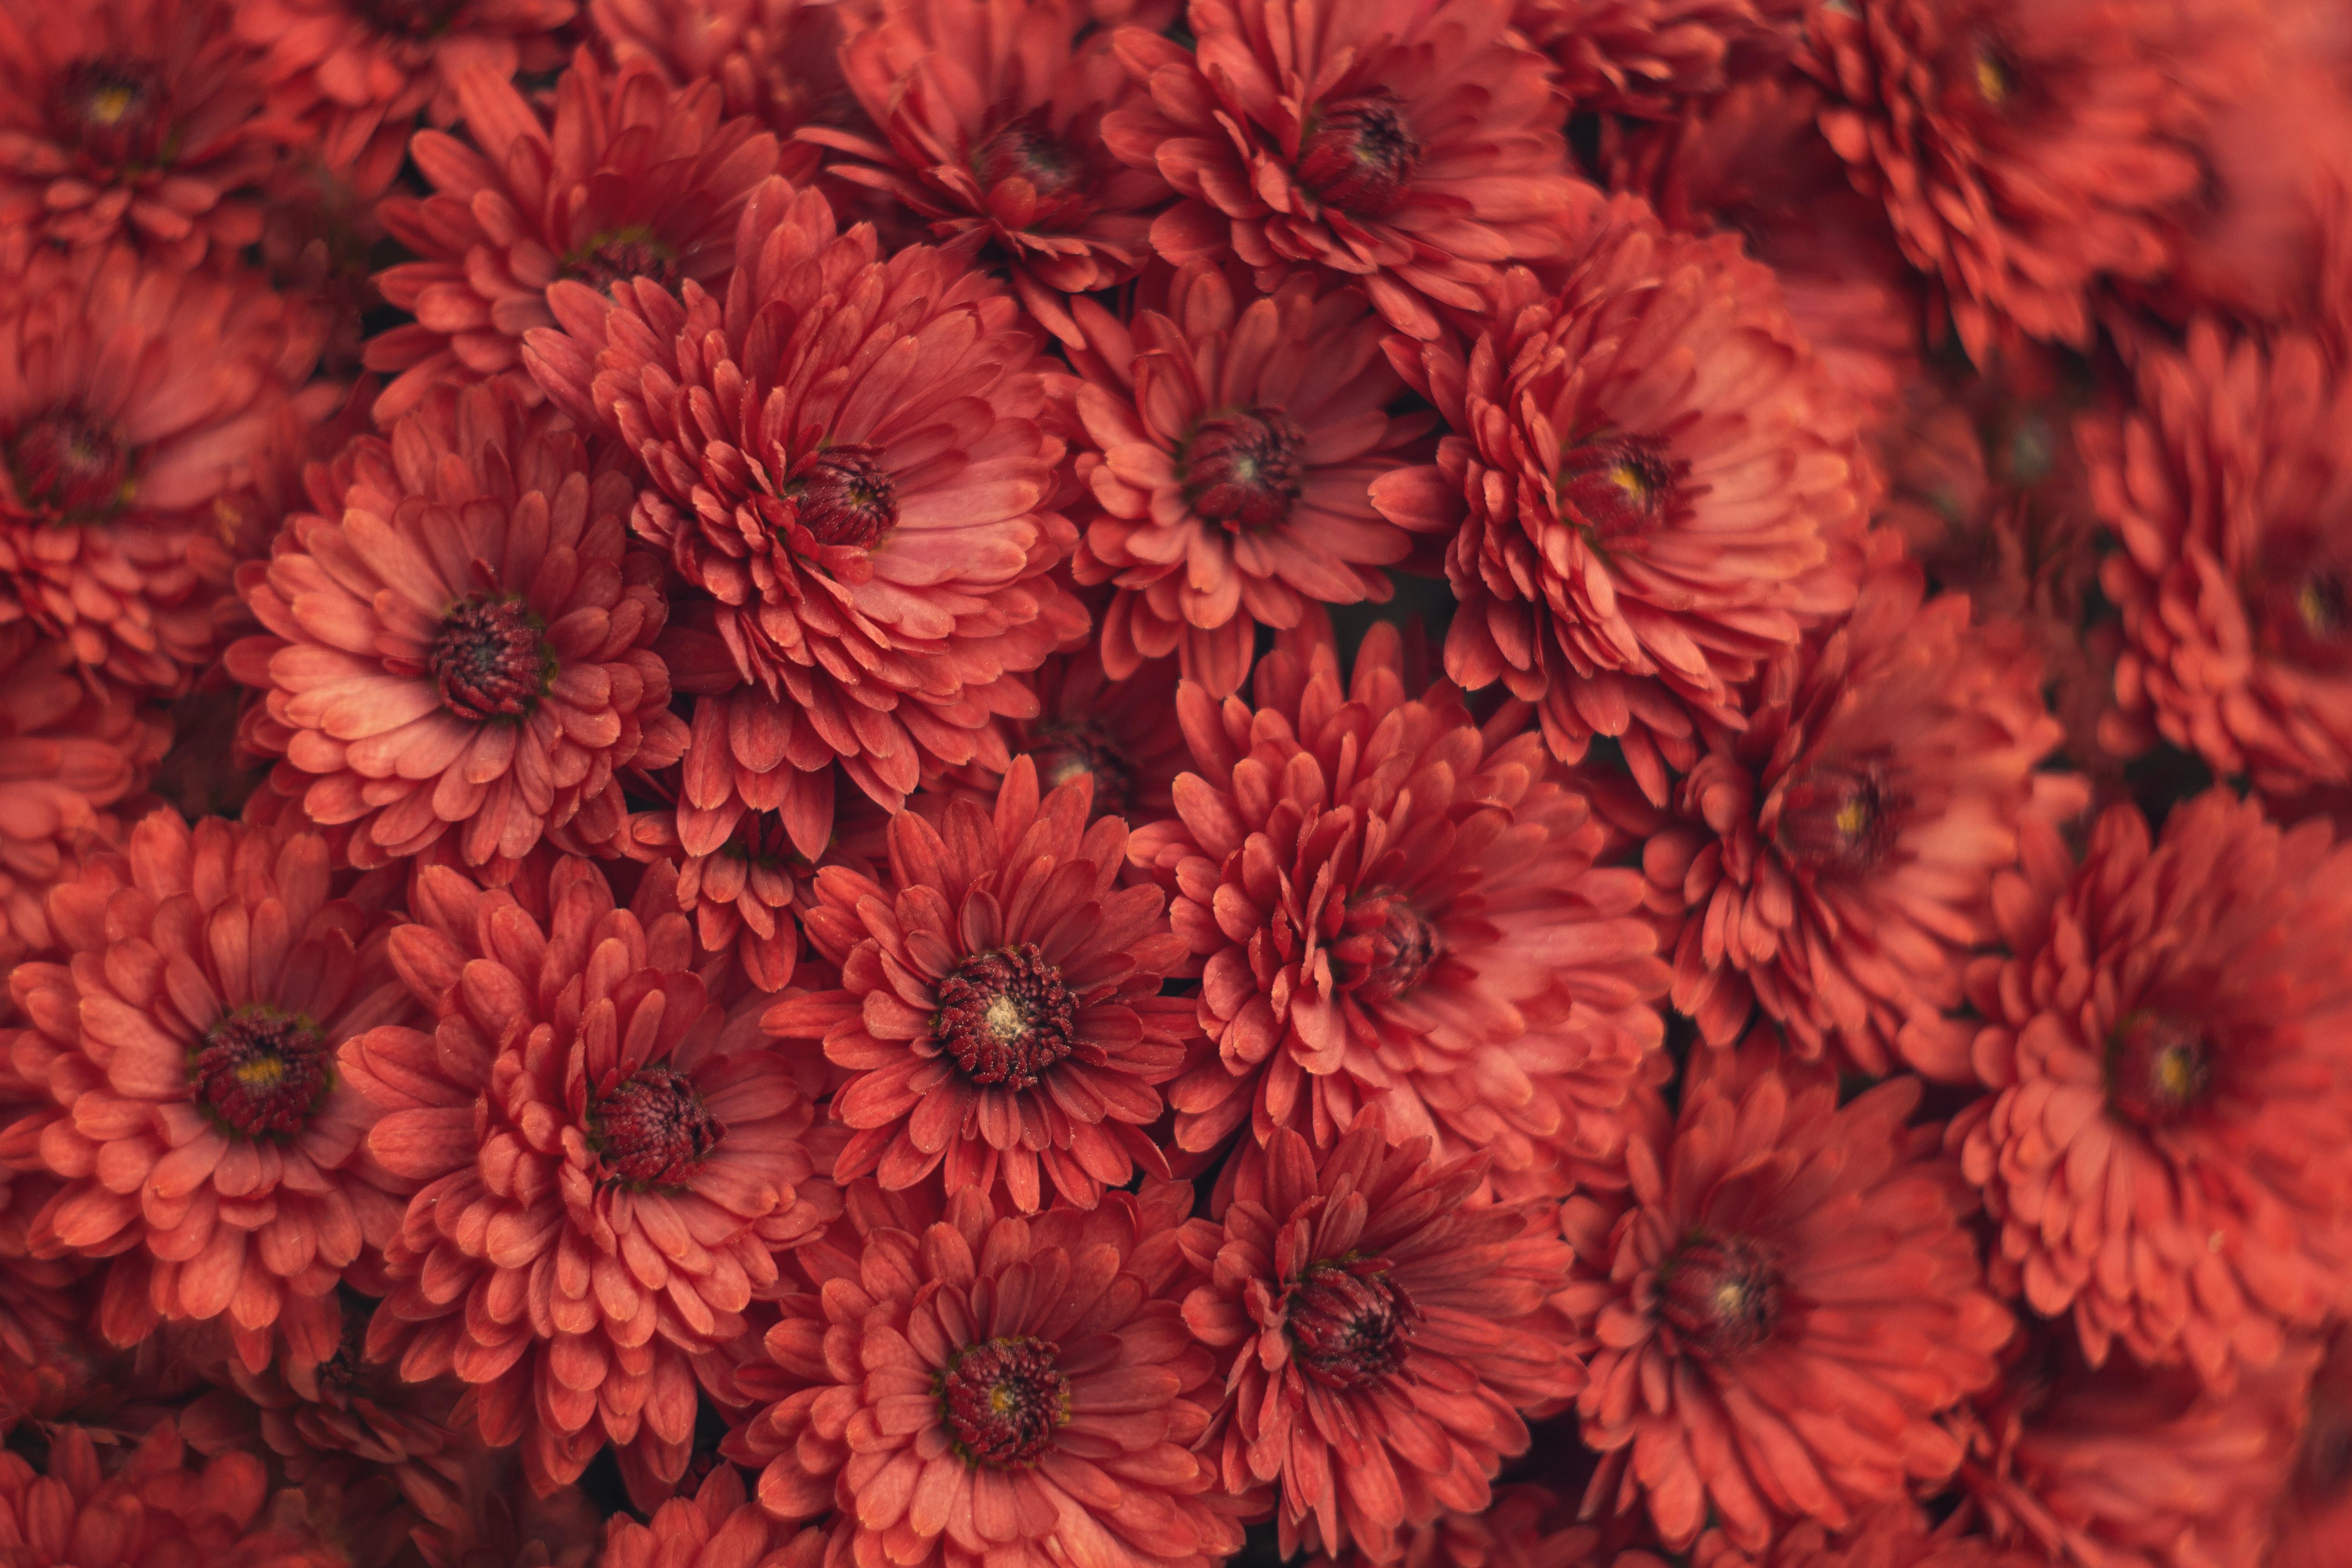 117699 скачать обои Цветы, Красный, Макро, Хризантемы - заставки и картинки бесплатно